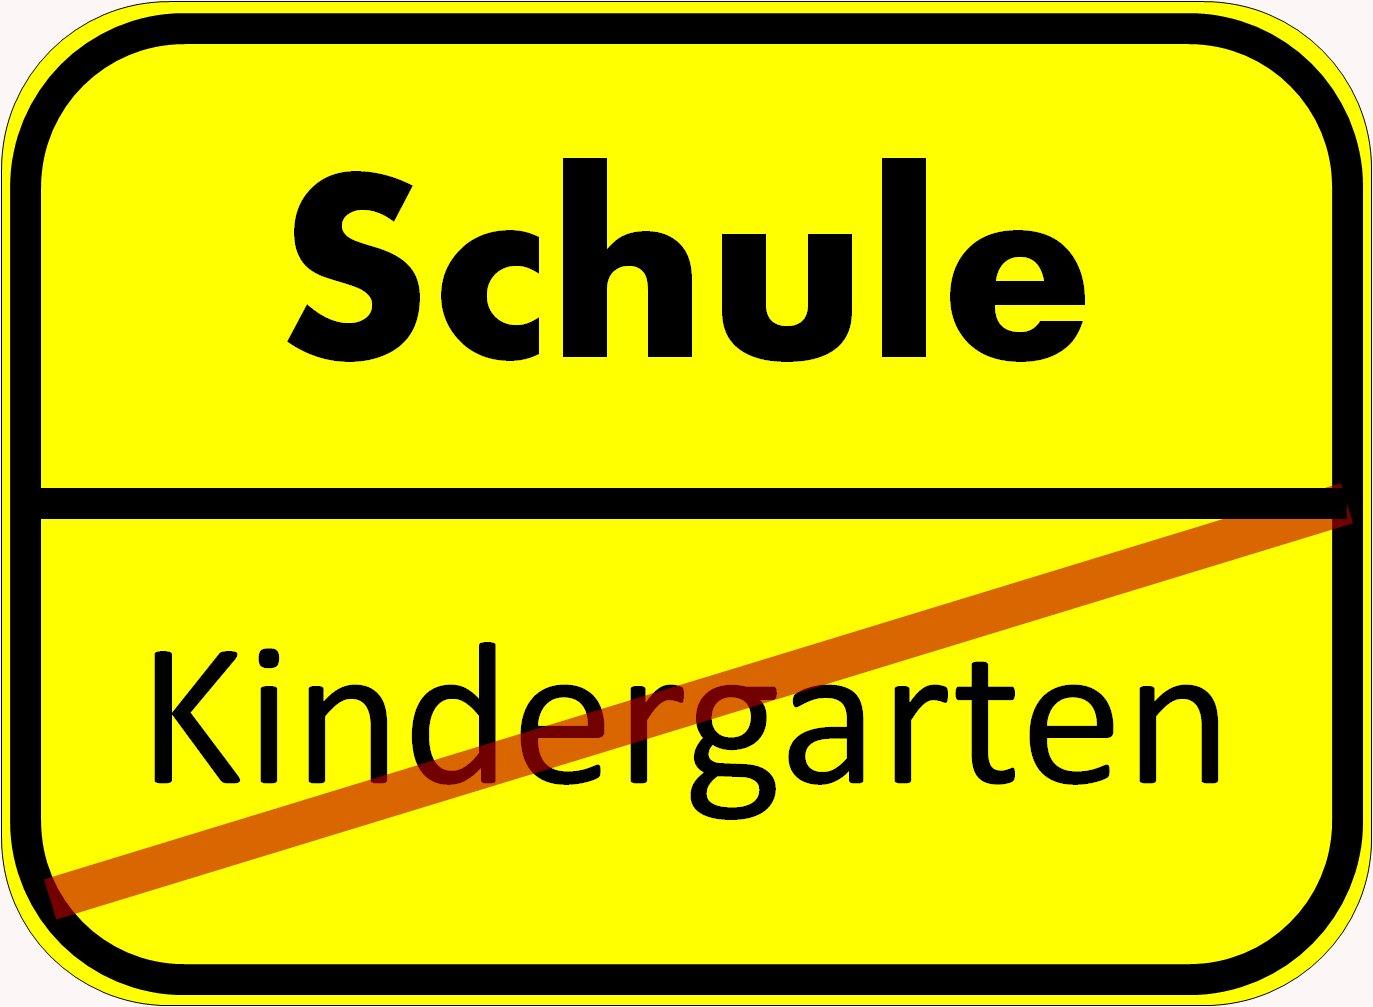 http://www.cdu-ahrensfelde.de/image/news/75.jpg